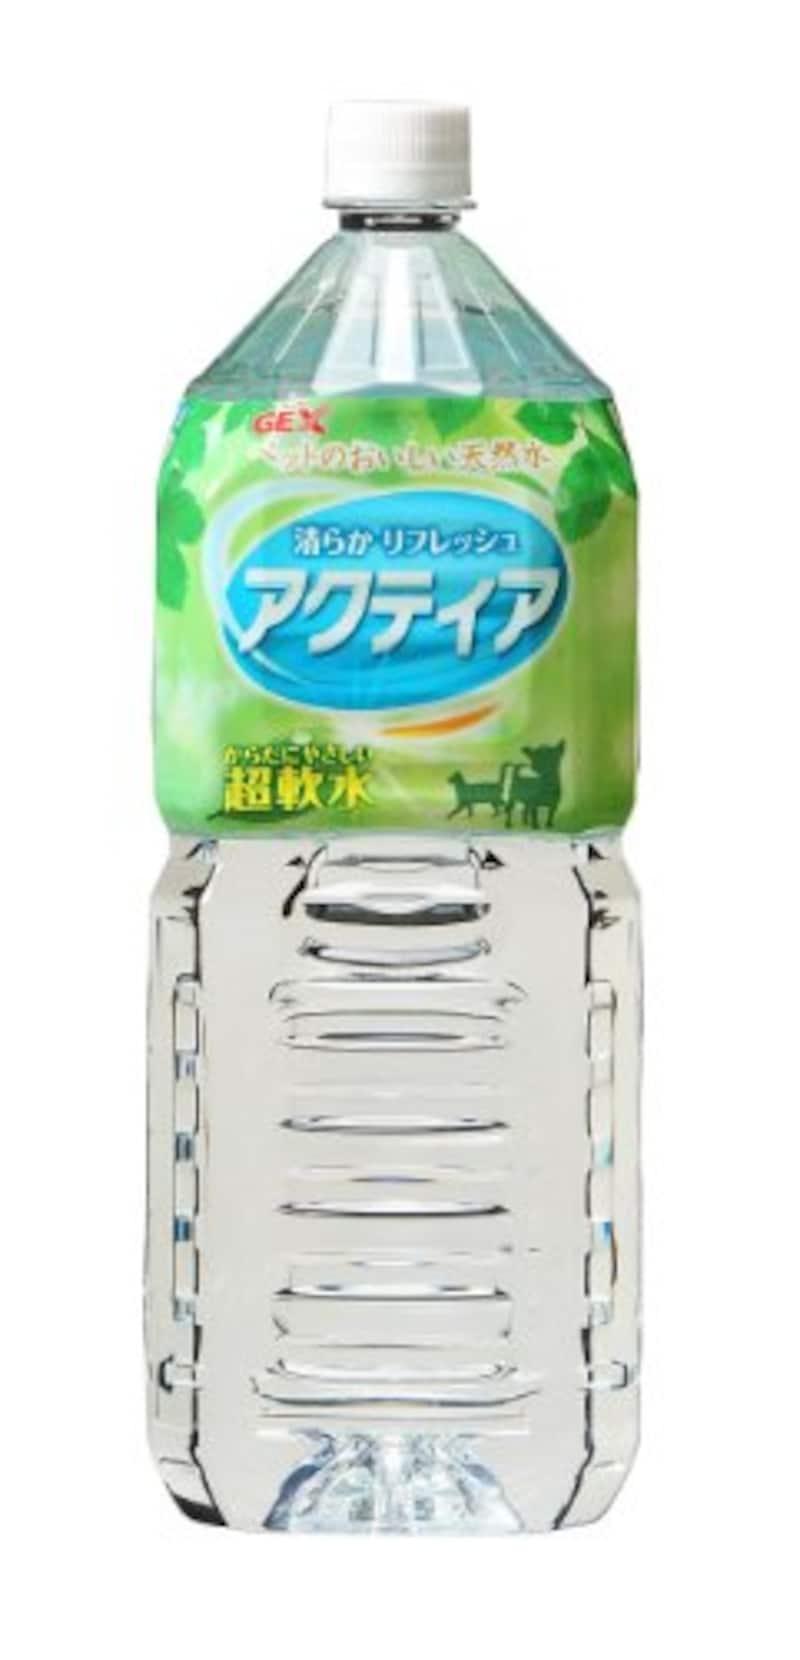 ジェックス,【獣医師推薦】ペットのおいしい天然水 アクティア 超軟水